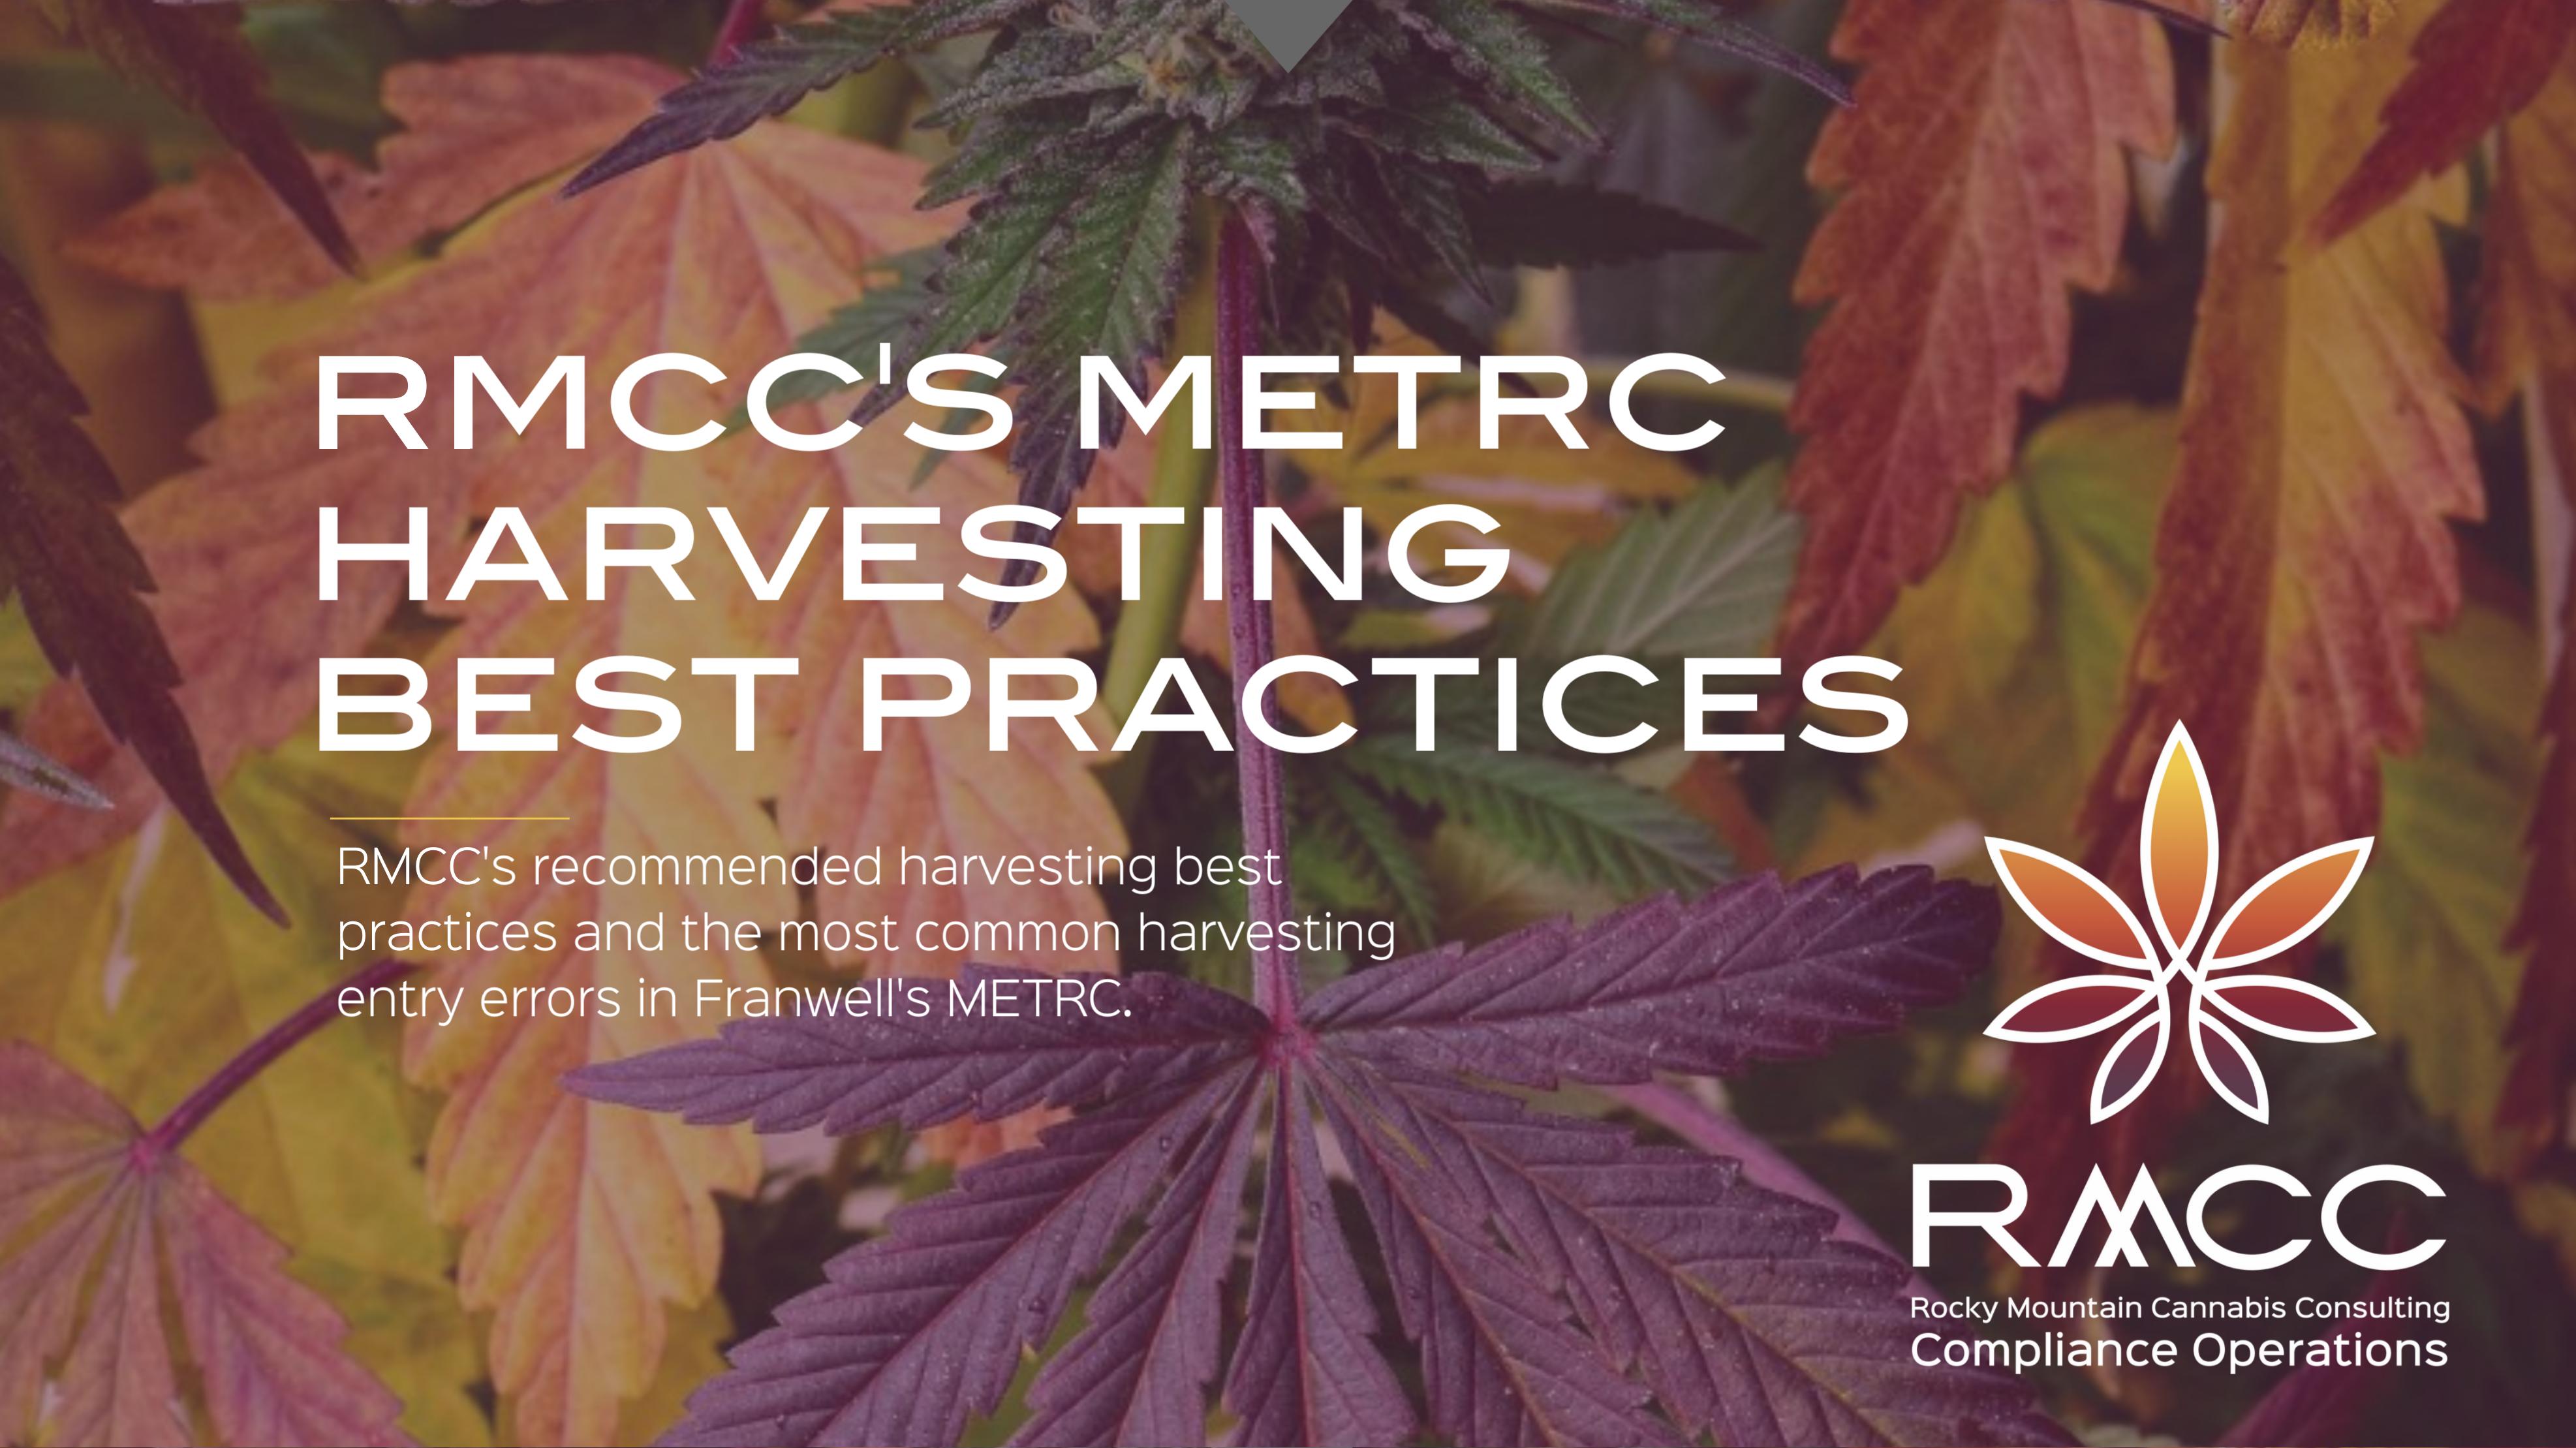 RMCC'S METRC HARVESTING BEST PRACTICES